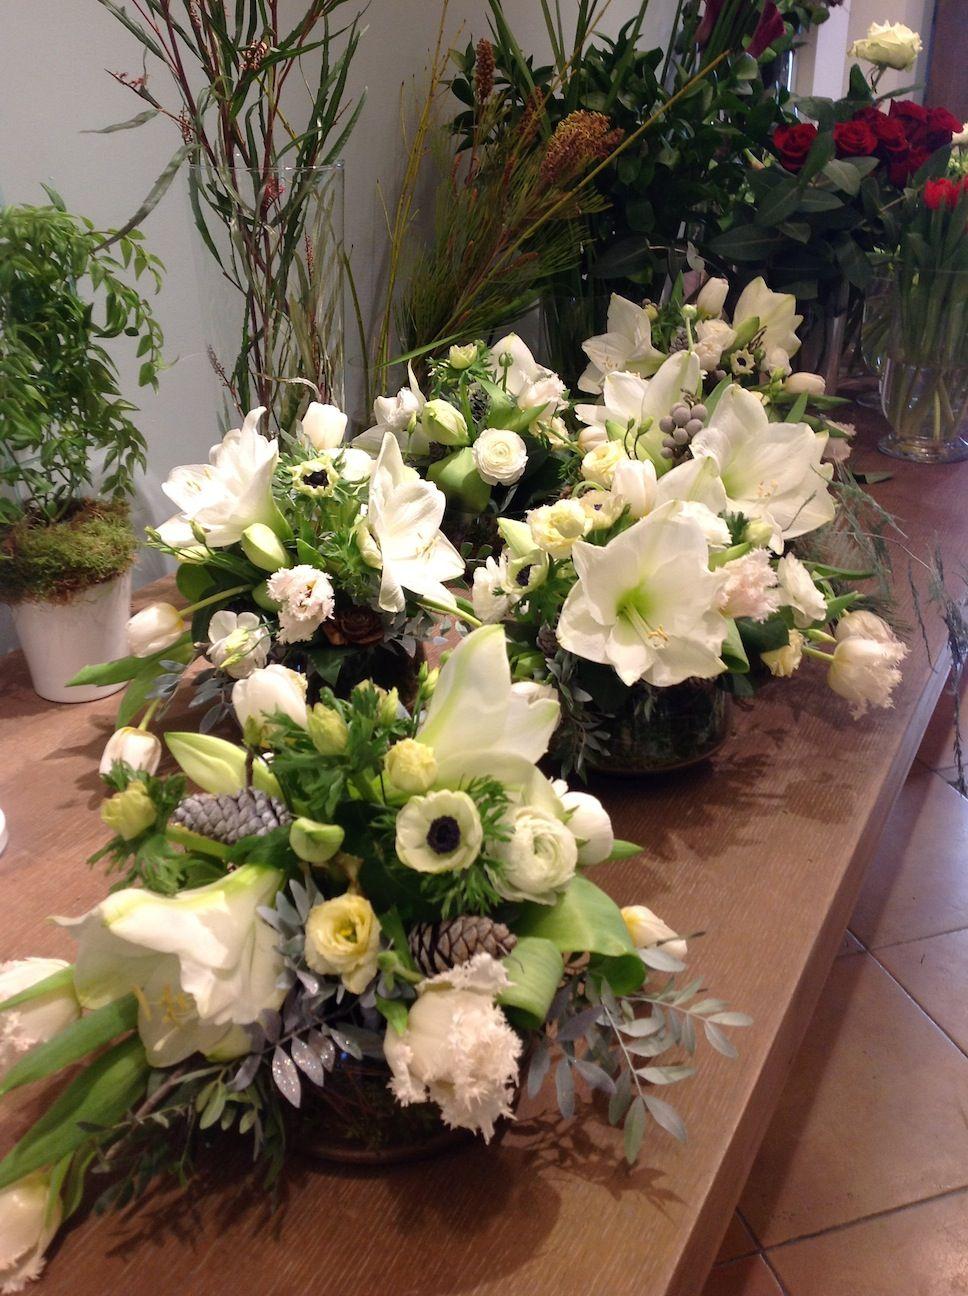 Fiori Invernali Bianchi.Fiori Bianchi Invernali Confezioni Floreali Composizioni